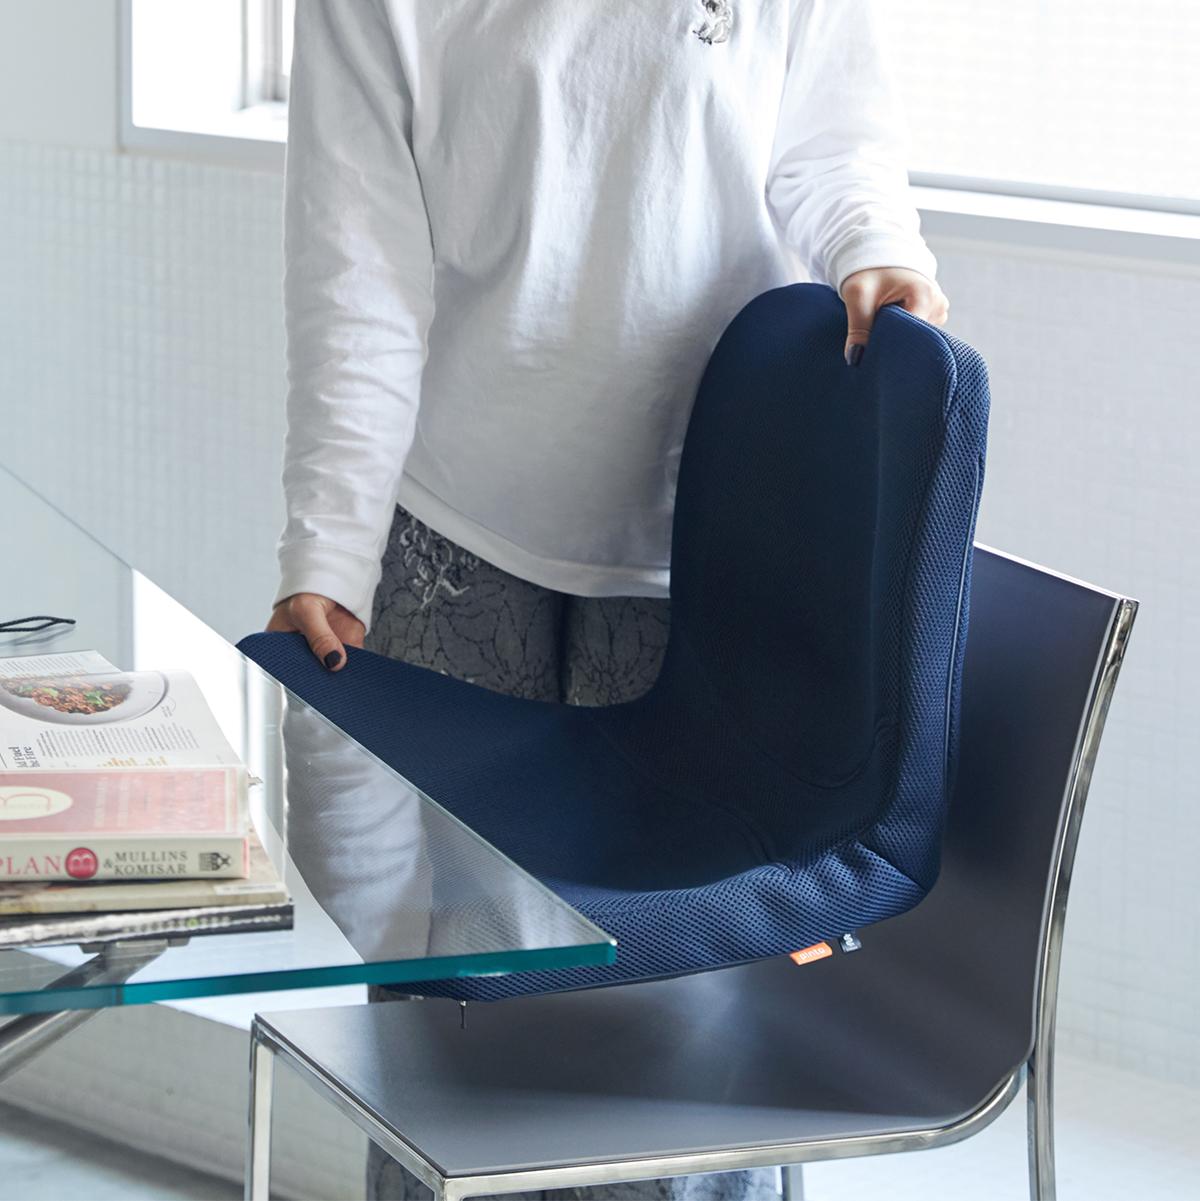 耐久性も合格。ヘタりにくい素材「ポリウレタンHRフォーム」でできています。驚くほど腰がラクなのに、正しい姿勢が習慣化する「チェアシート(椅子クッション)」|P!nto